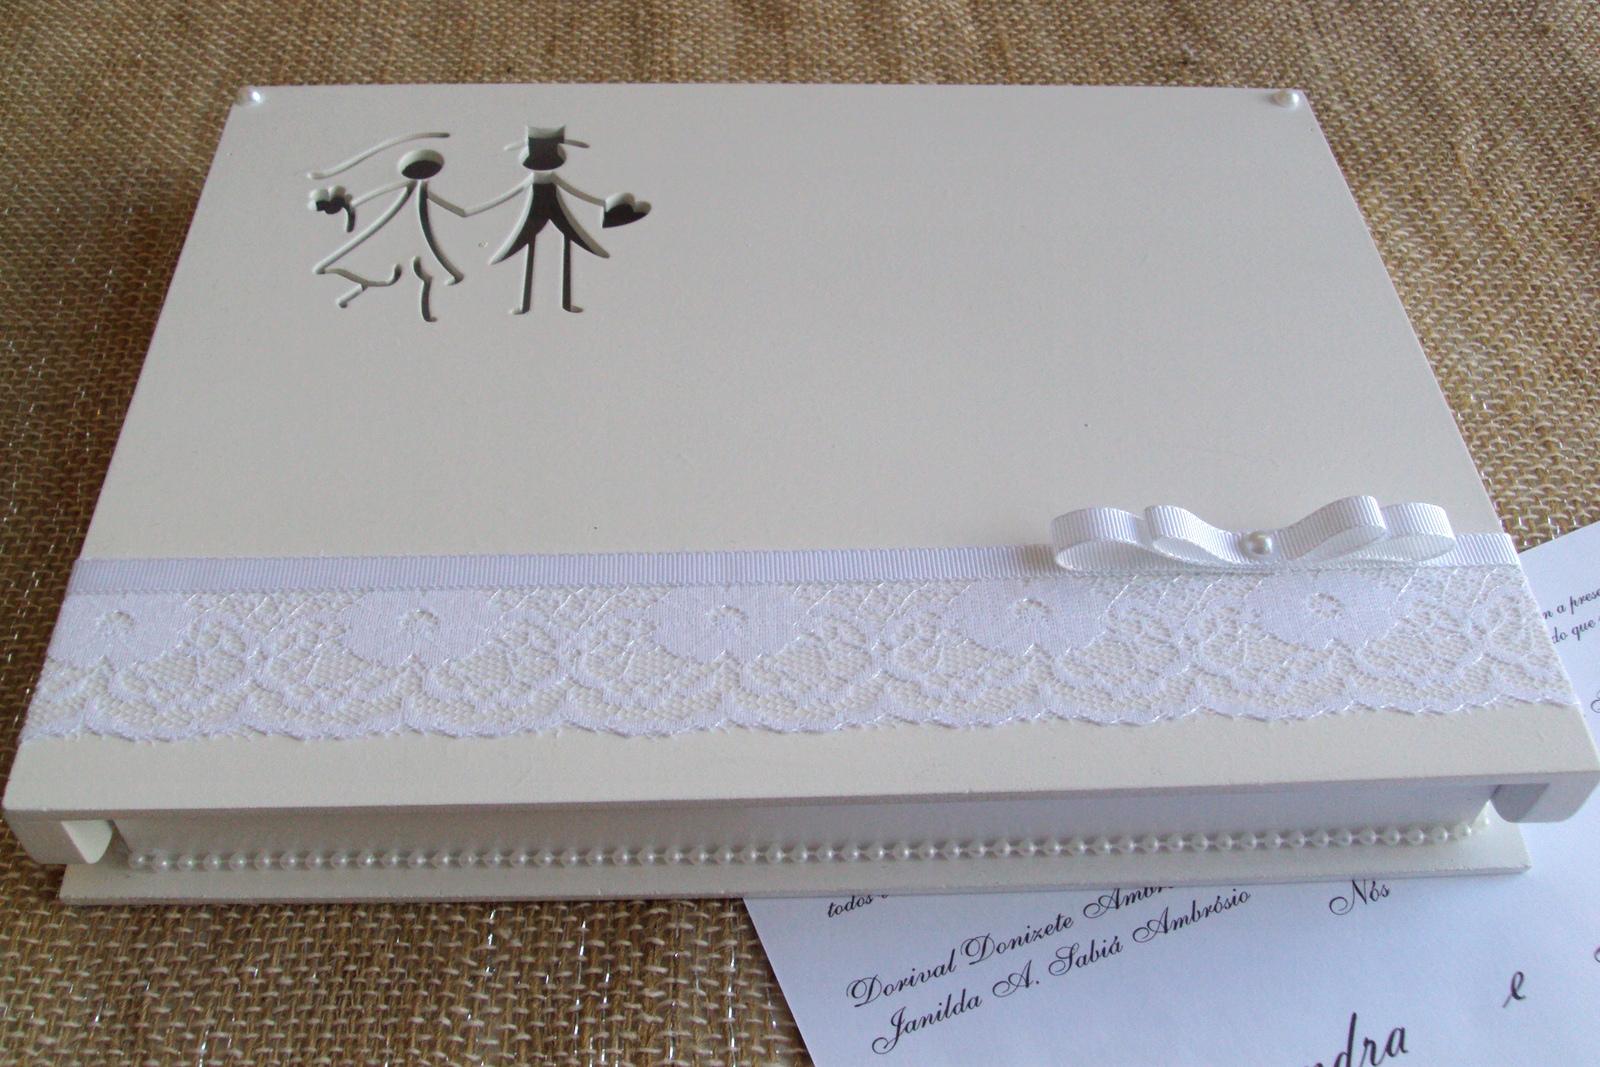 de casamento rendada convite de casamento caixa convite de casamento #483523 1600x1067